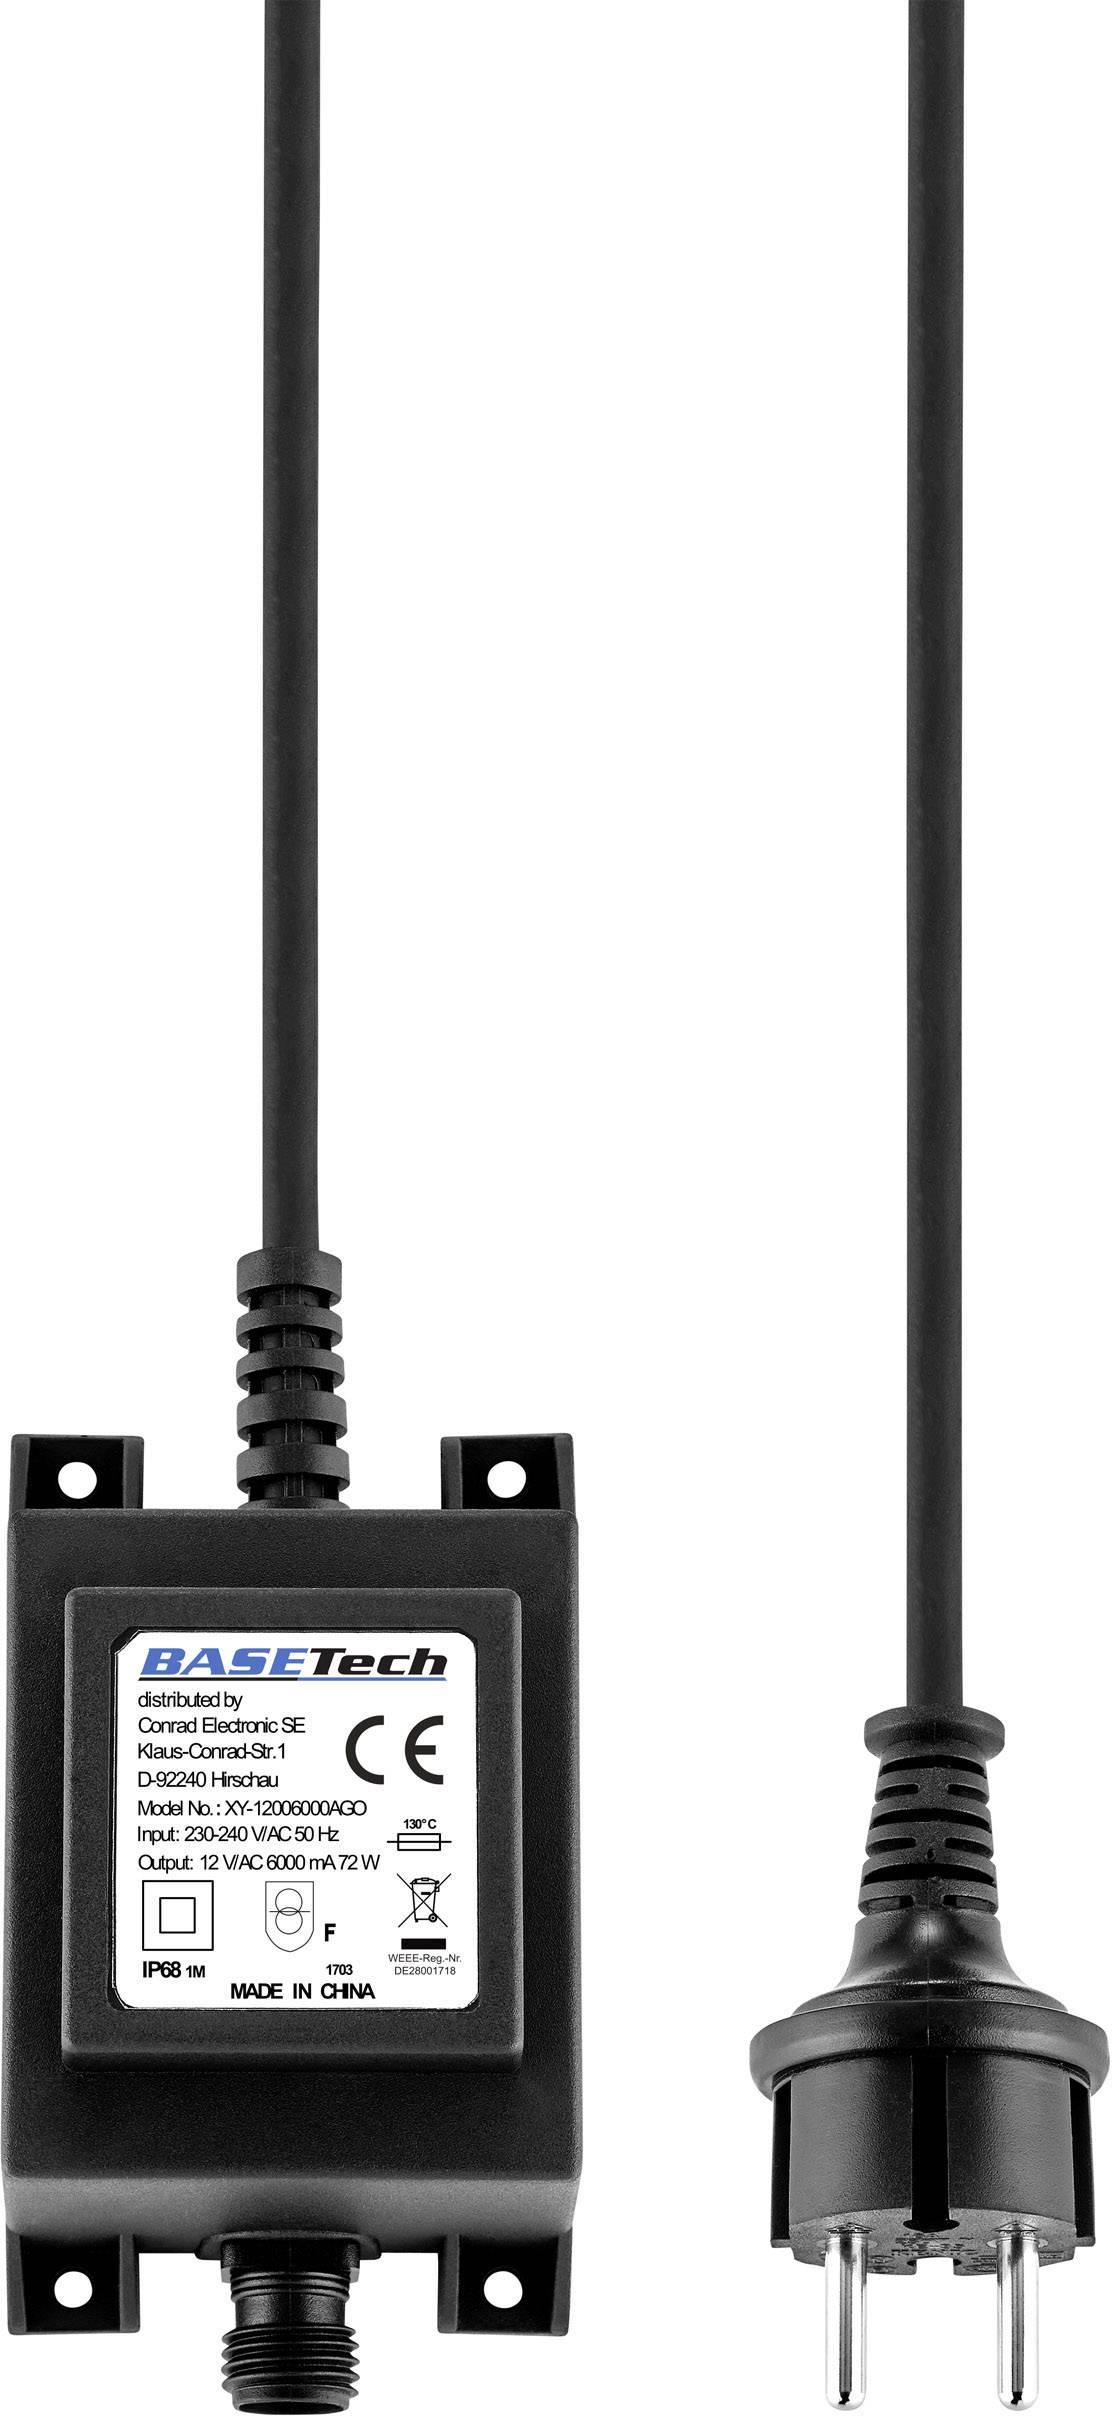 Transformátor pro halogenové osvětlení Basetech XY-12003300AGO, 40 W, 12 V/AC